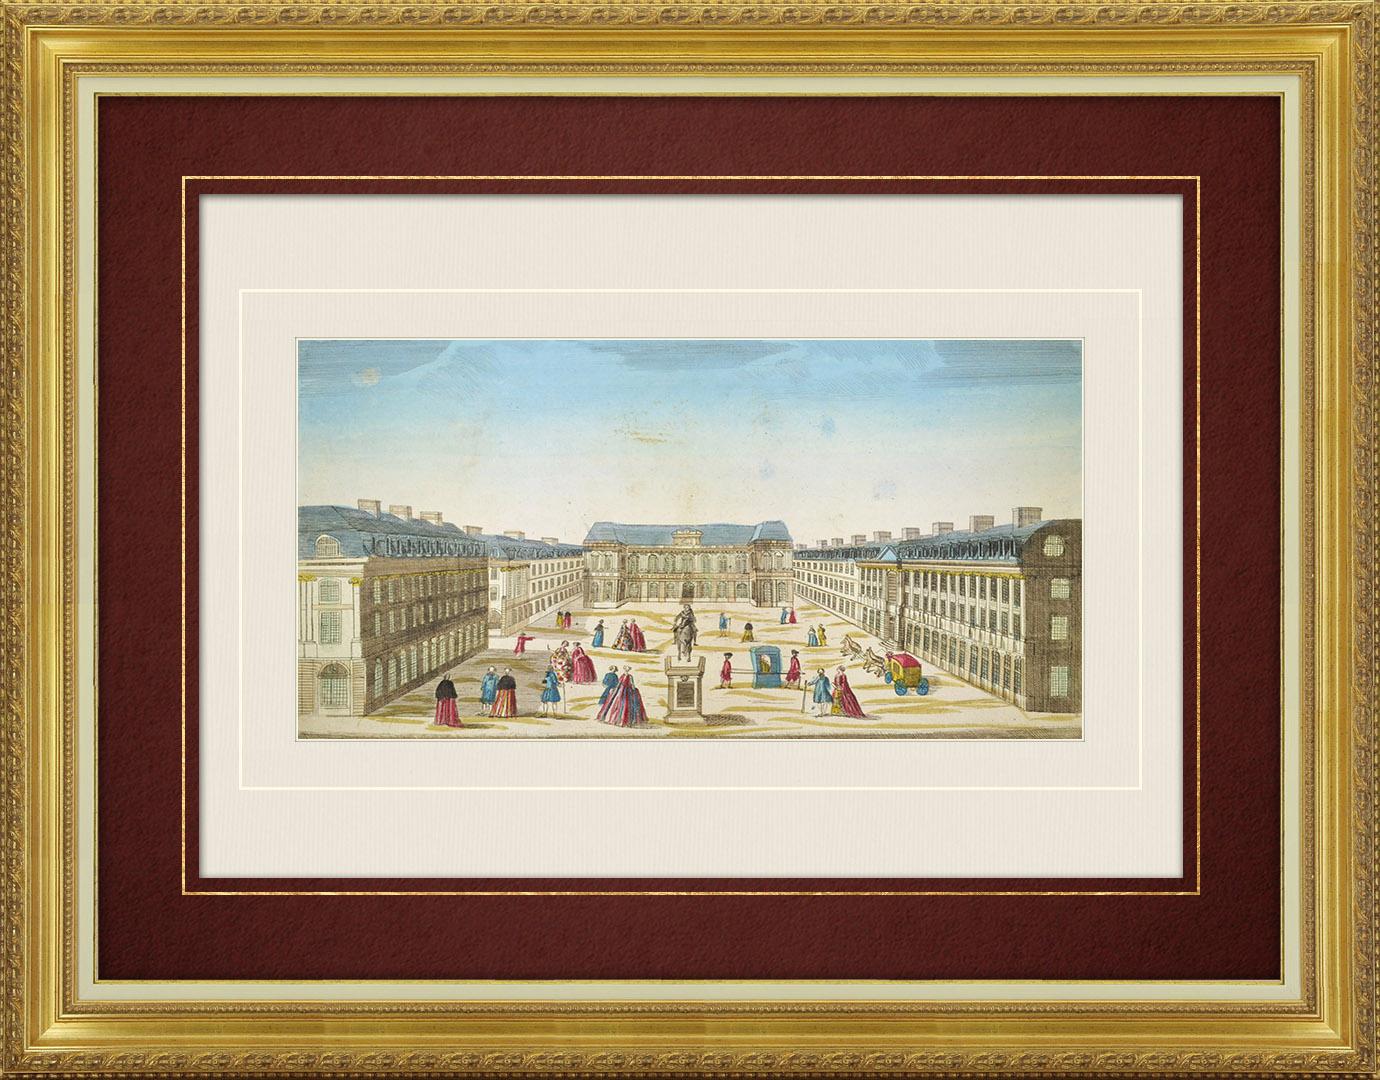 Vue d'optique du 18e siècle en coloris d'époque du Palais du Parlement de Bretagne - Rennes (France)